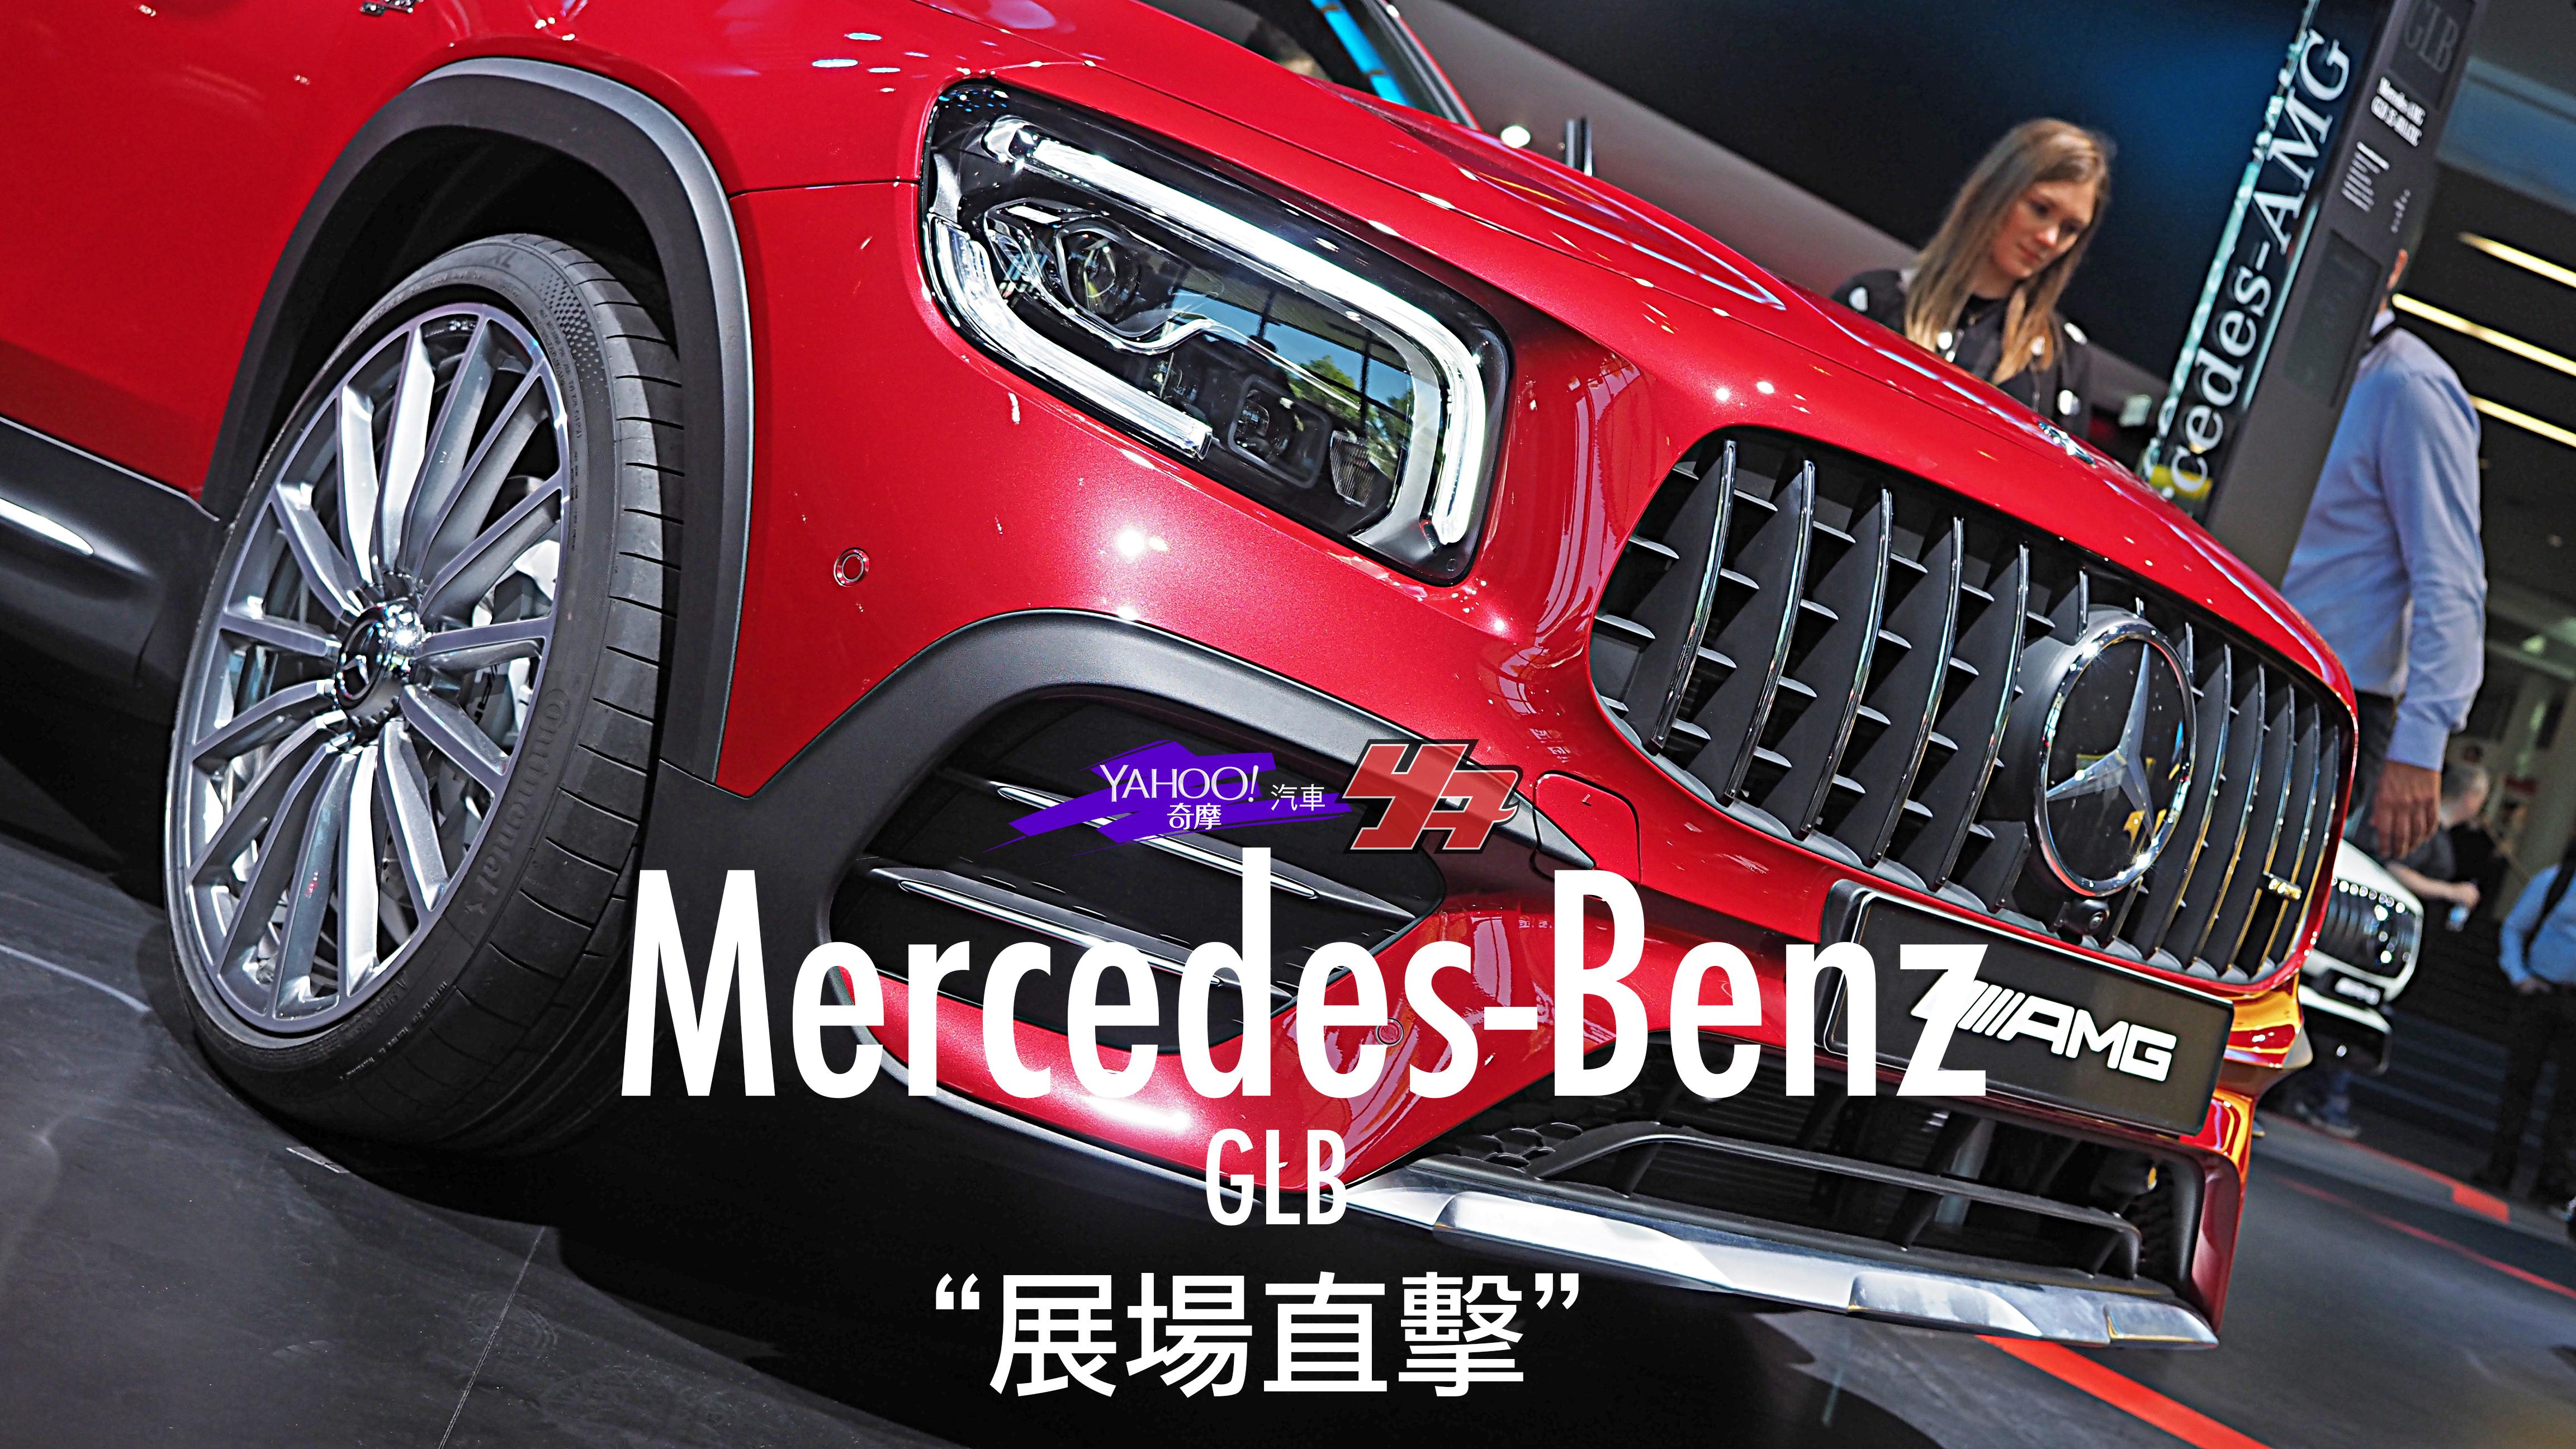 【2019法蘭克福車展直擊】無法定義的空間款三芒星!Mercedes-Benz GLB車系展現星世代乘坐風